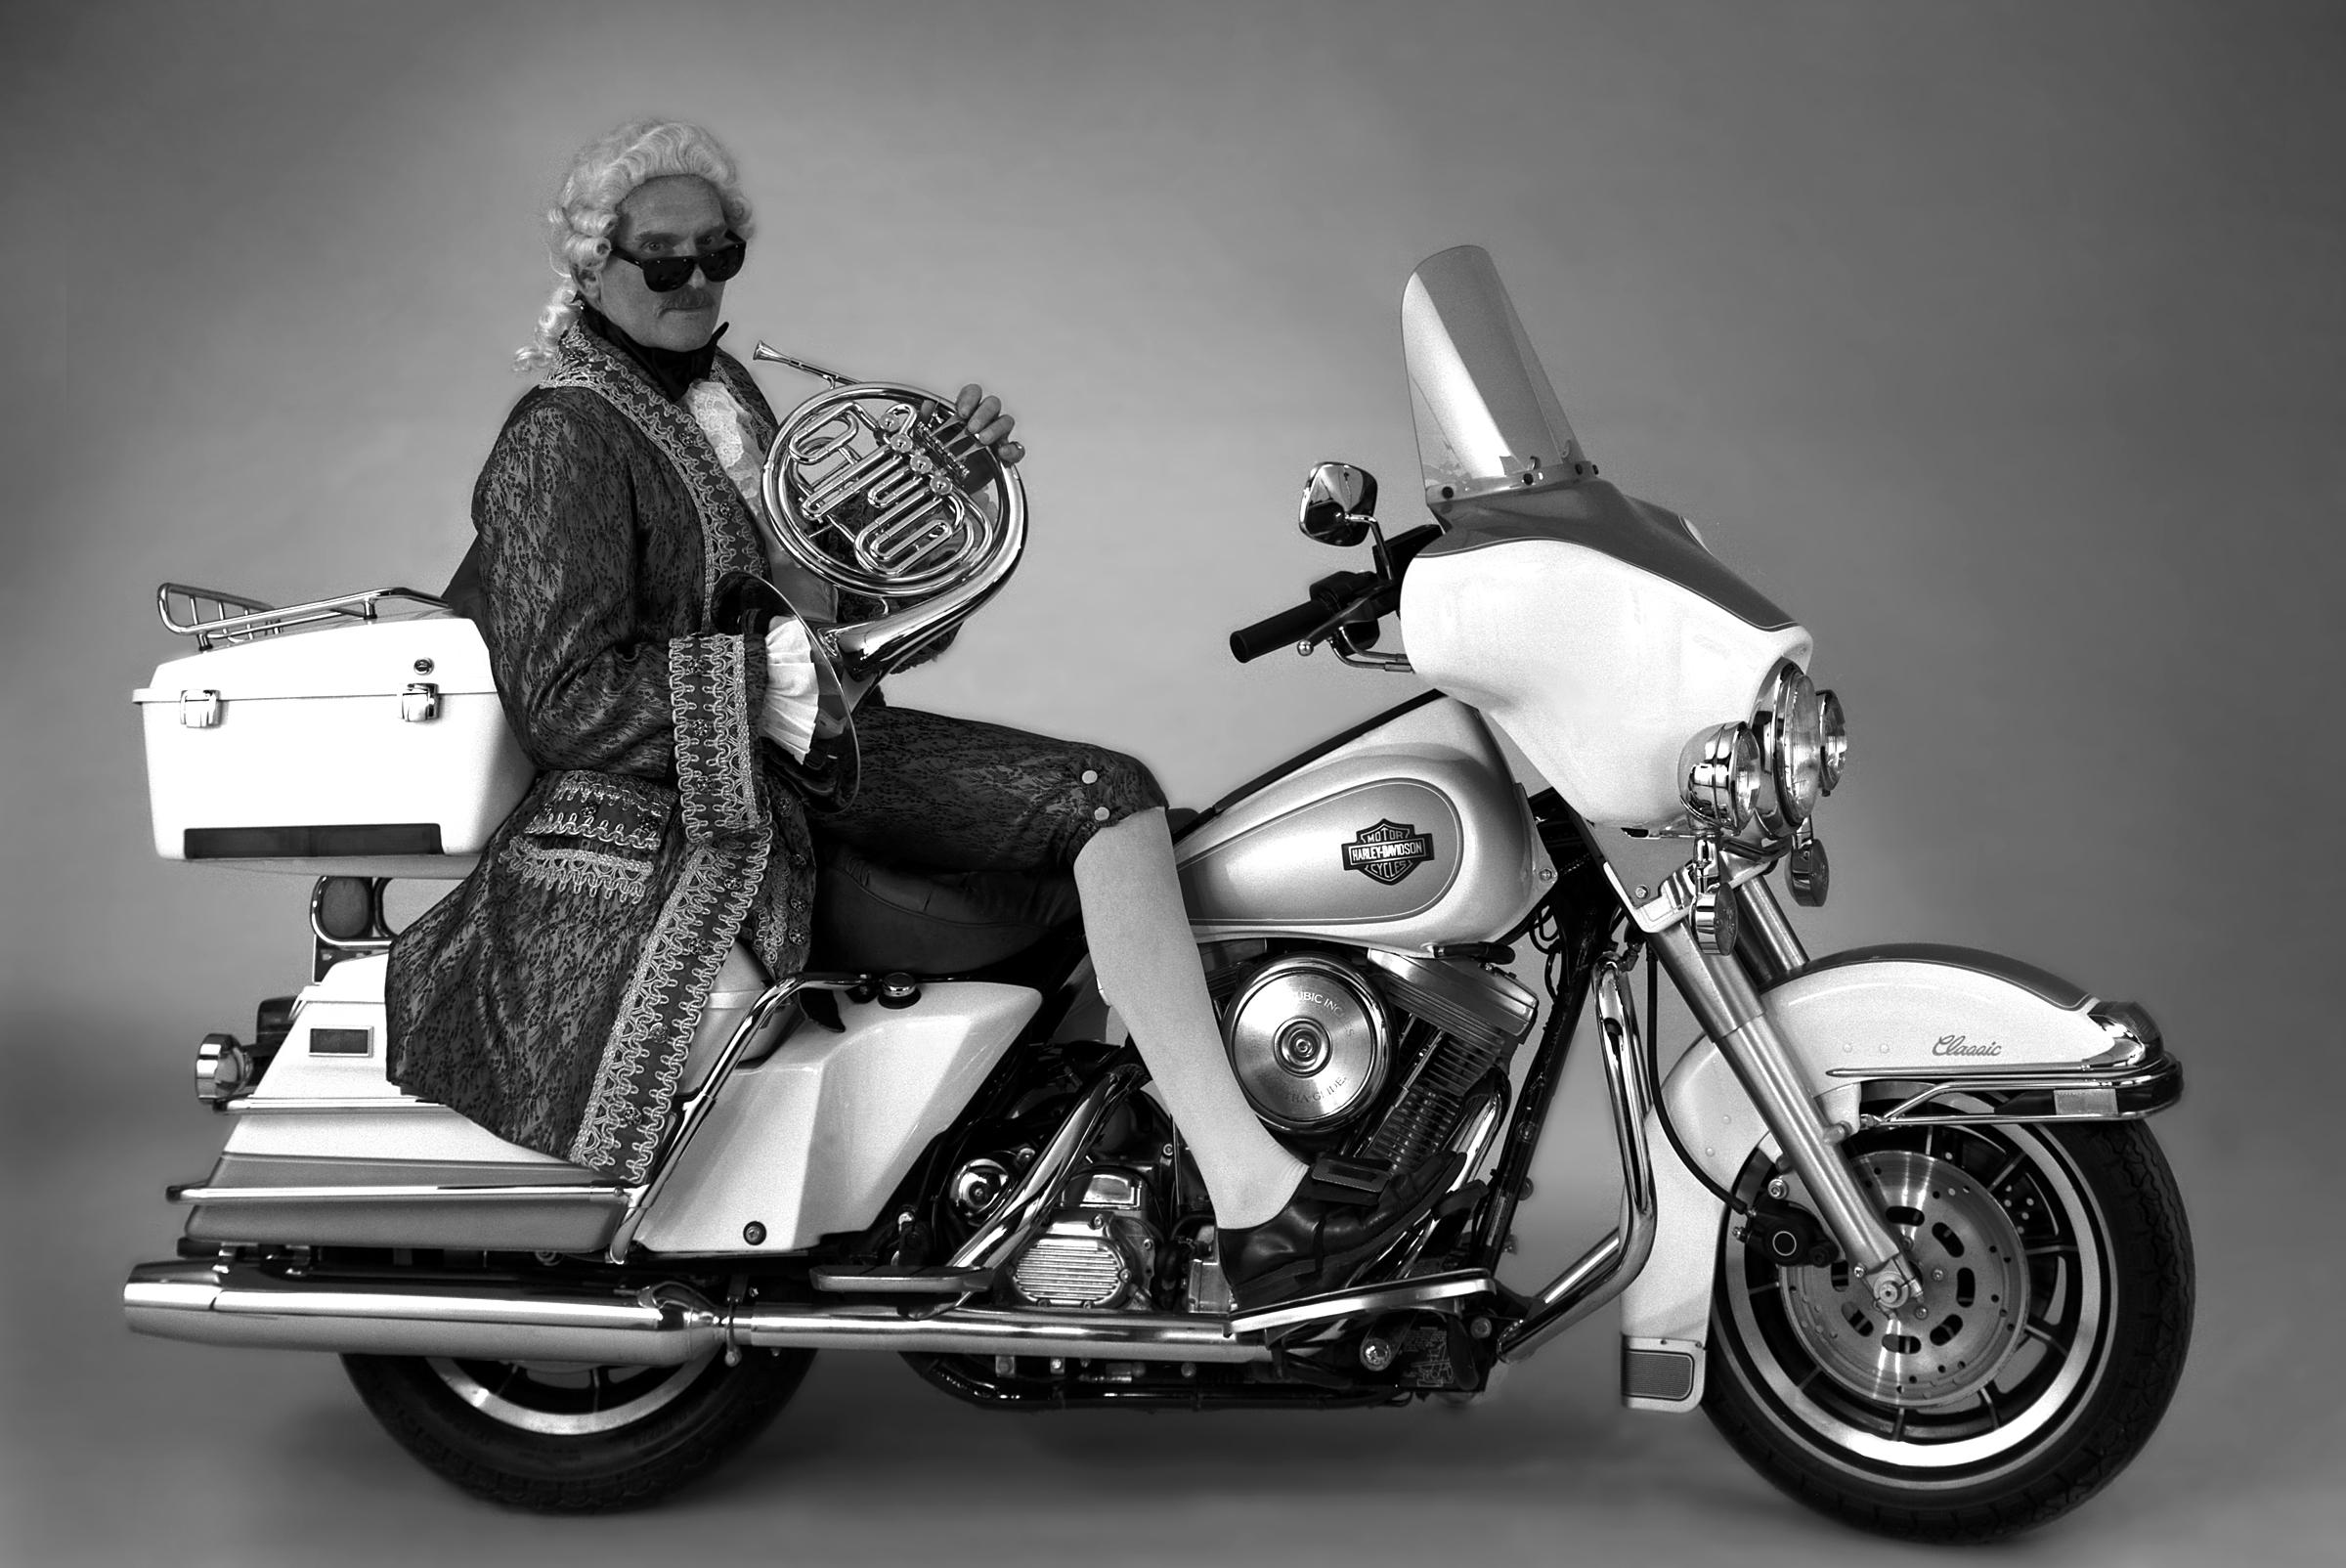 motorcycle guy.jpg